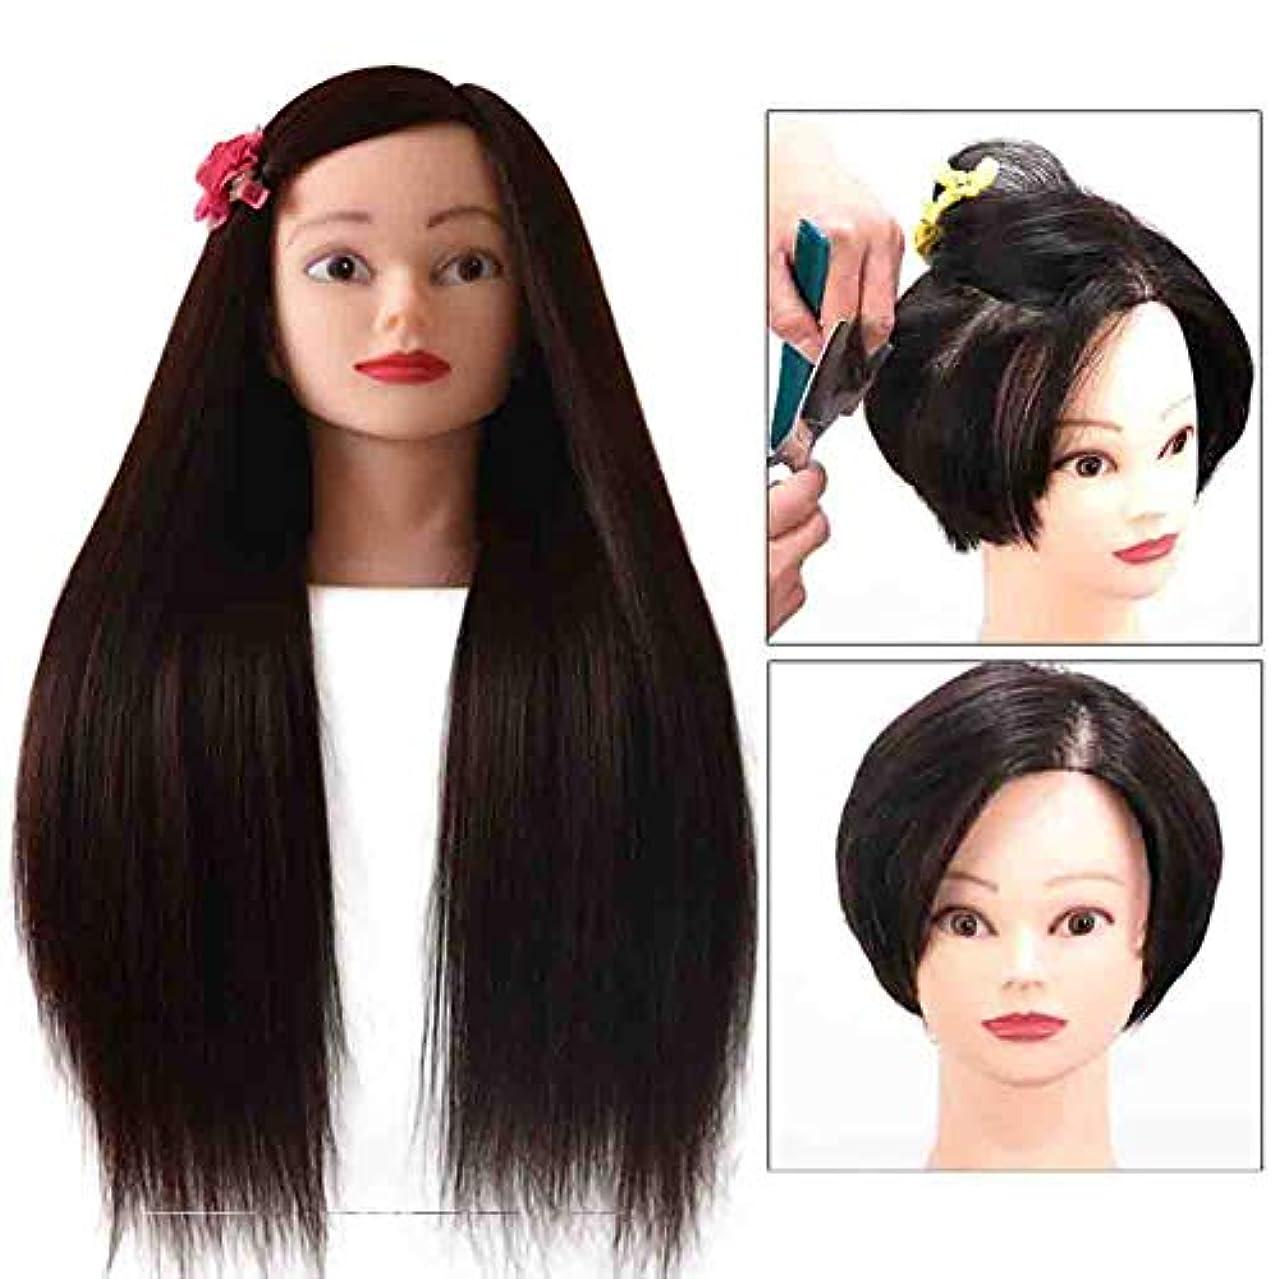 子孫結婚した幹トウモロコシホットシミュレーションヘアメイクヘアプレートヘアダミー練習ヘッド金型理髪店初心者トリムヘアトレーニングヘッド